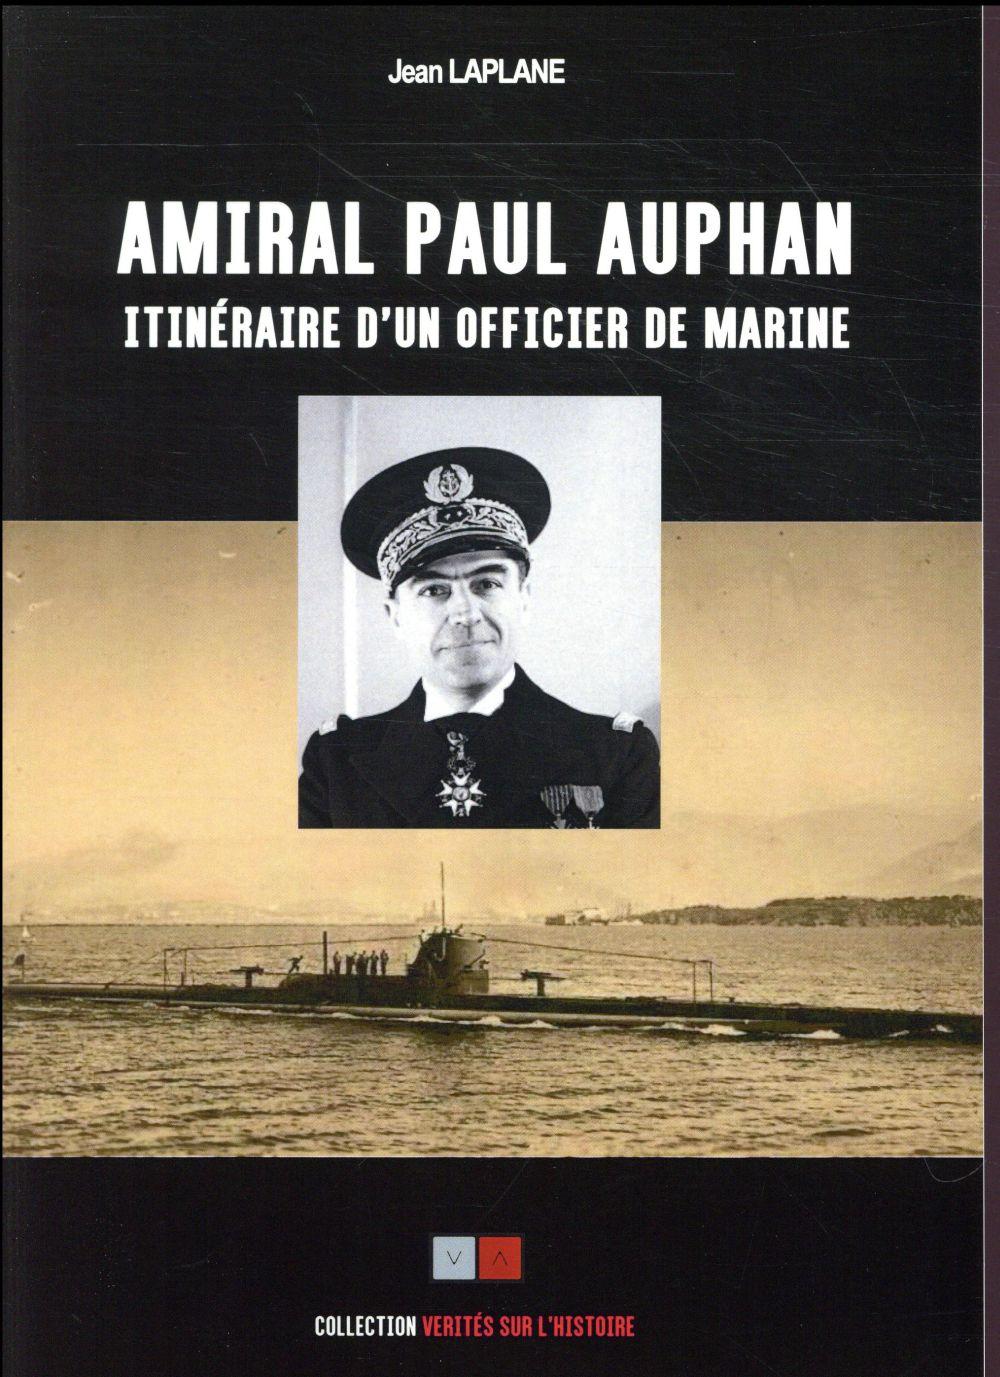 L'AMIRAL PAUL AUPHAN - ITINERAIRE D'UN OFFICIER DE MARINE